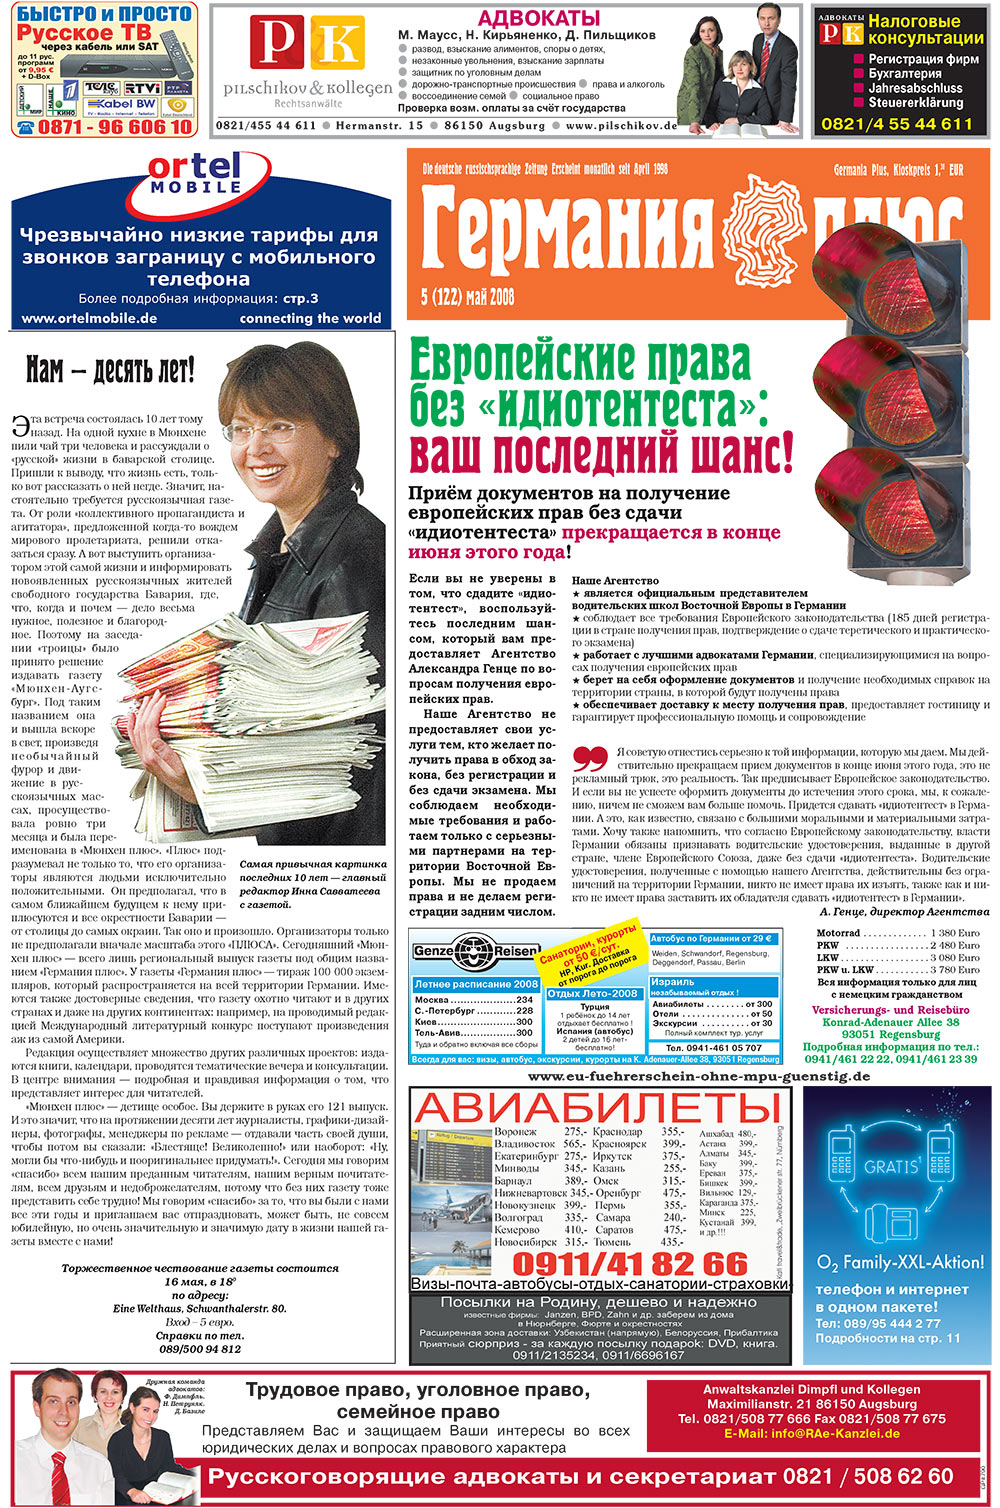 Германия плюс (газета). 2008 год, номер 5, стр. 1